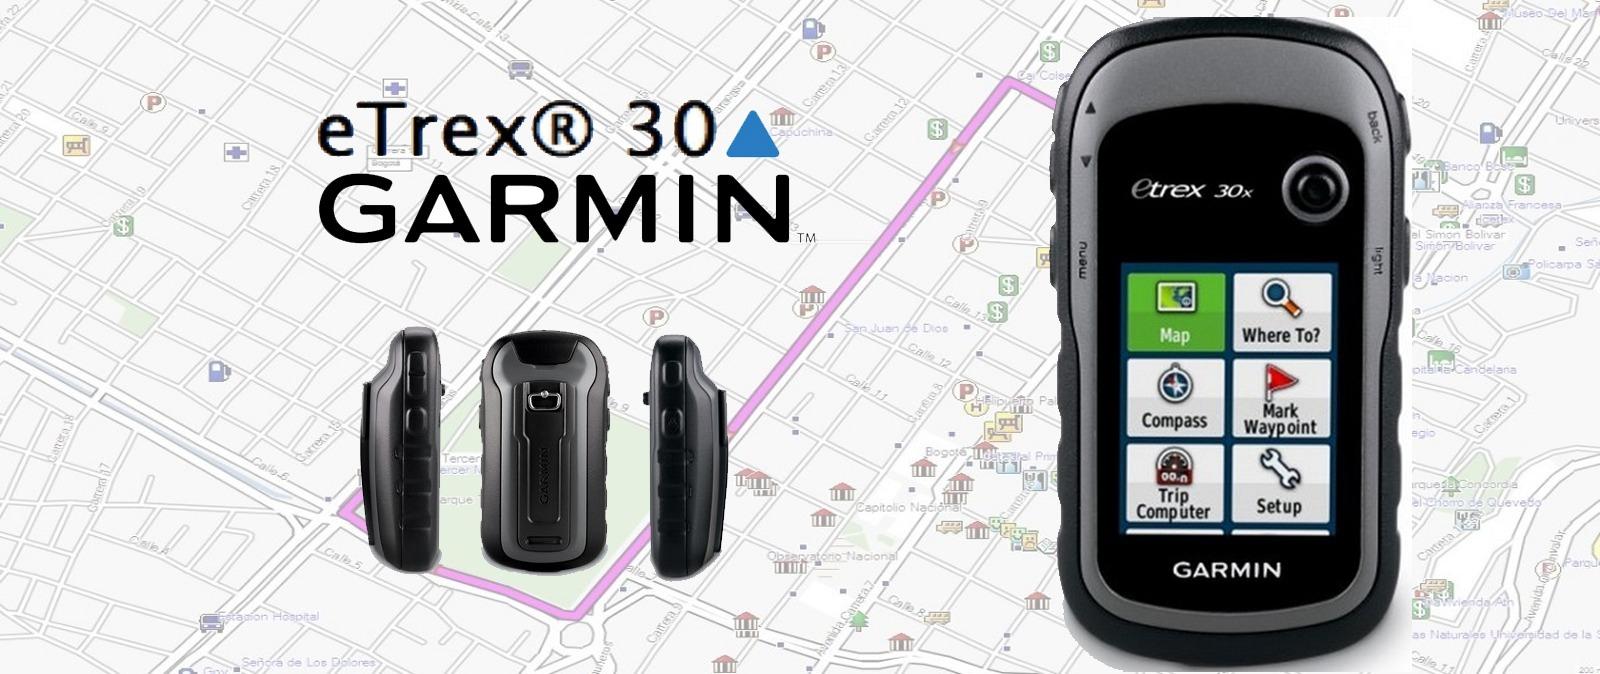 Garmin presenta el nuevo modelo de su GPS llamado Etrex 30X